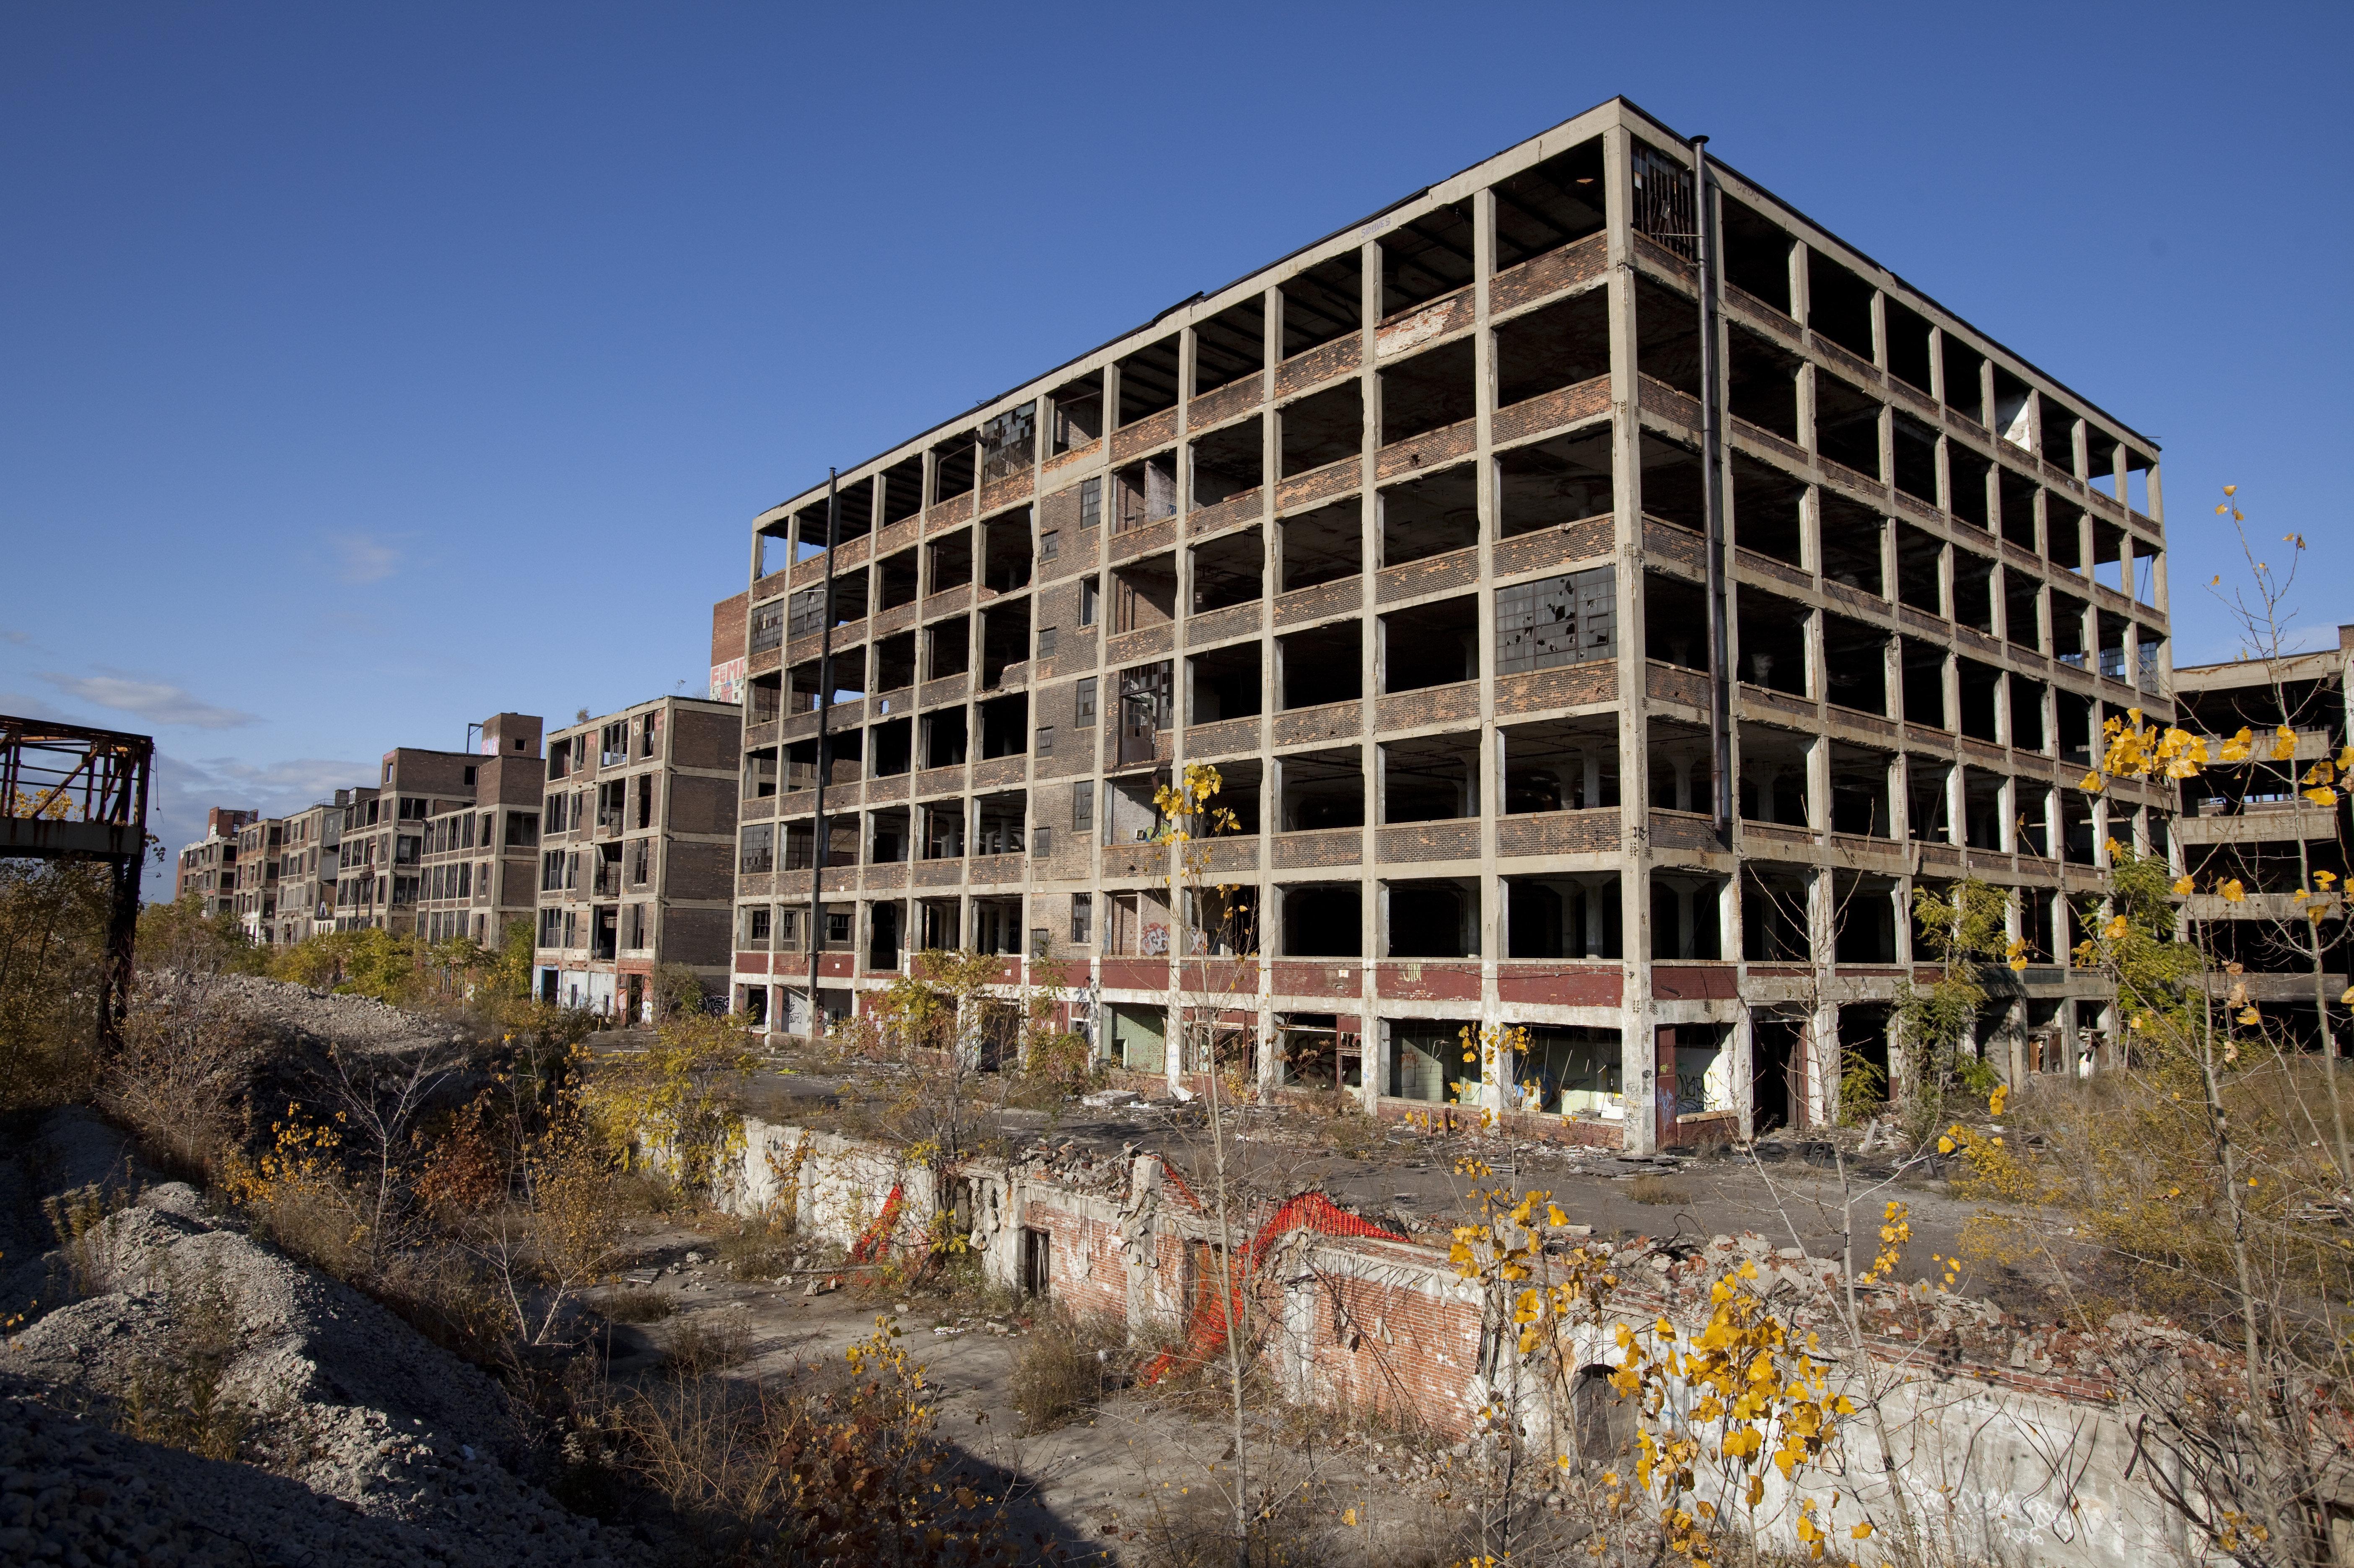 Las plantas abandonadas de Detroit se han convertido en el símbolo de la decadencia industrial. El éxodo de las grandes empresas golpeo a millones de trabajadores del noreste del país, zona llamada 'Cinturón Industrial' ('Manufacturing Belt', en inglés) y que ahora se conoce como el 'Cinturón de óxido' ('Rust Belt'). Se cree que la clase obrera ha sido la que mayoritariamente votó por Donald Trump.